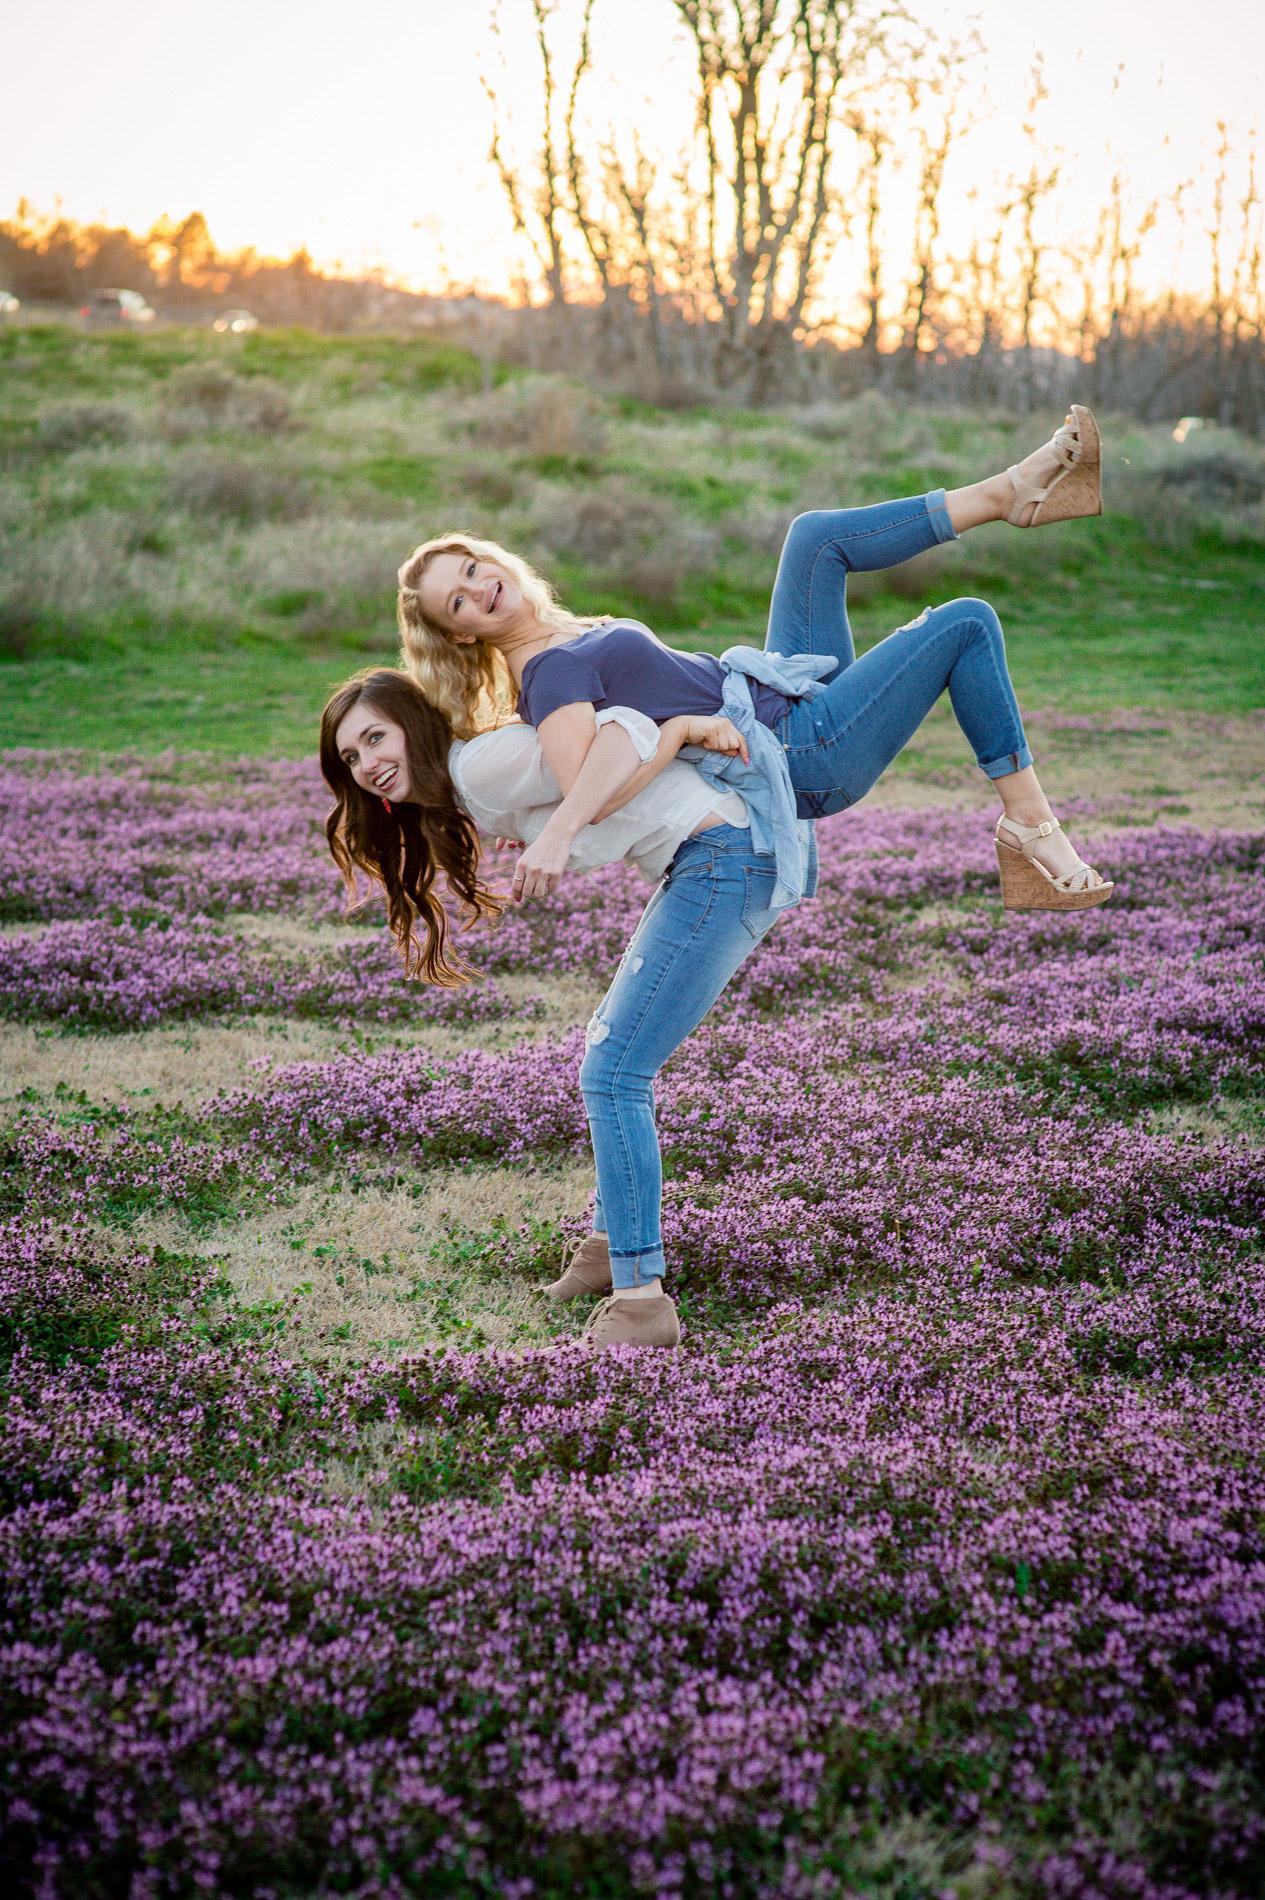 Girls in a Field of Purple